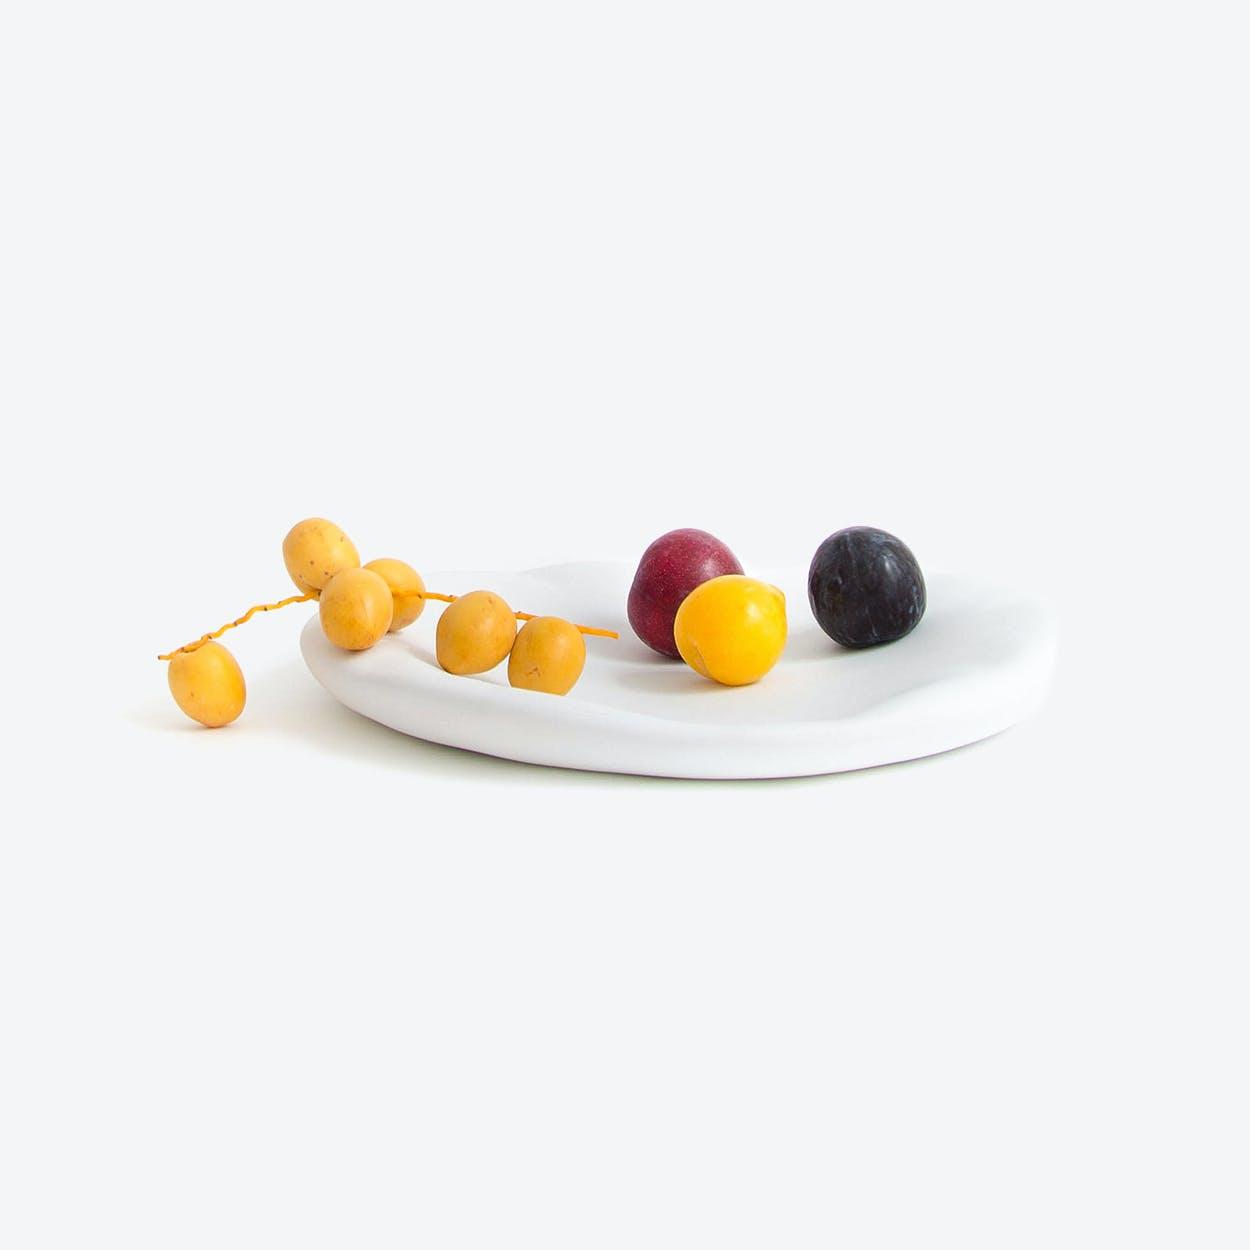 Canova - Ceramic Table Centre - Ceramic Table Centre - White